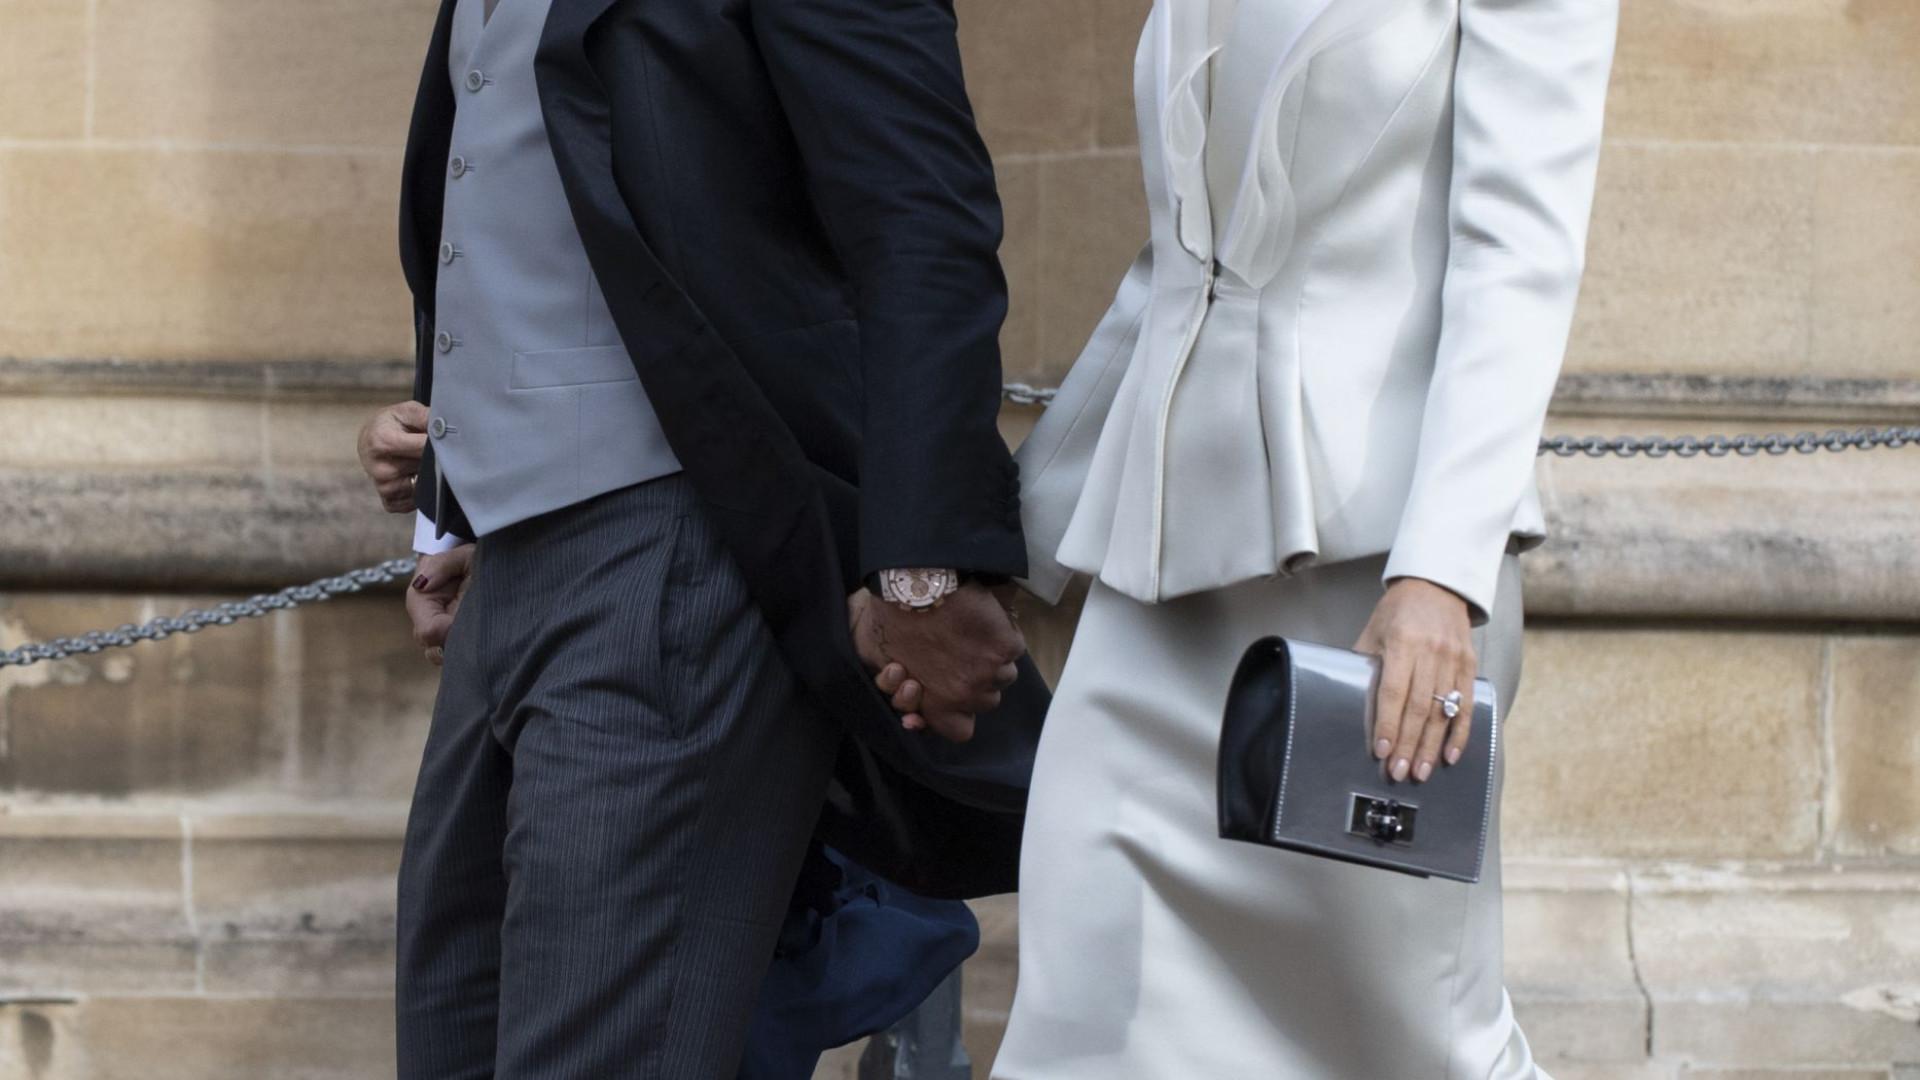 A alcunha que Robbie Williams deu aos seios da mulher